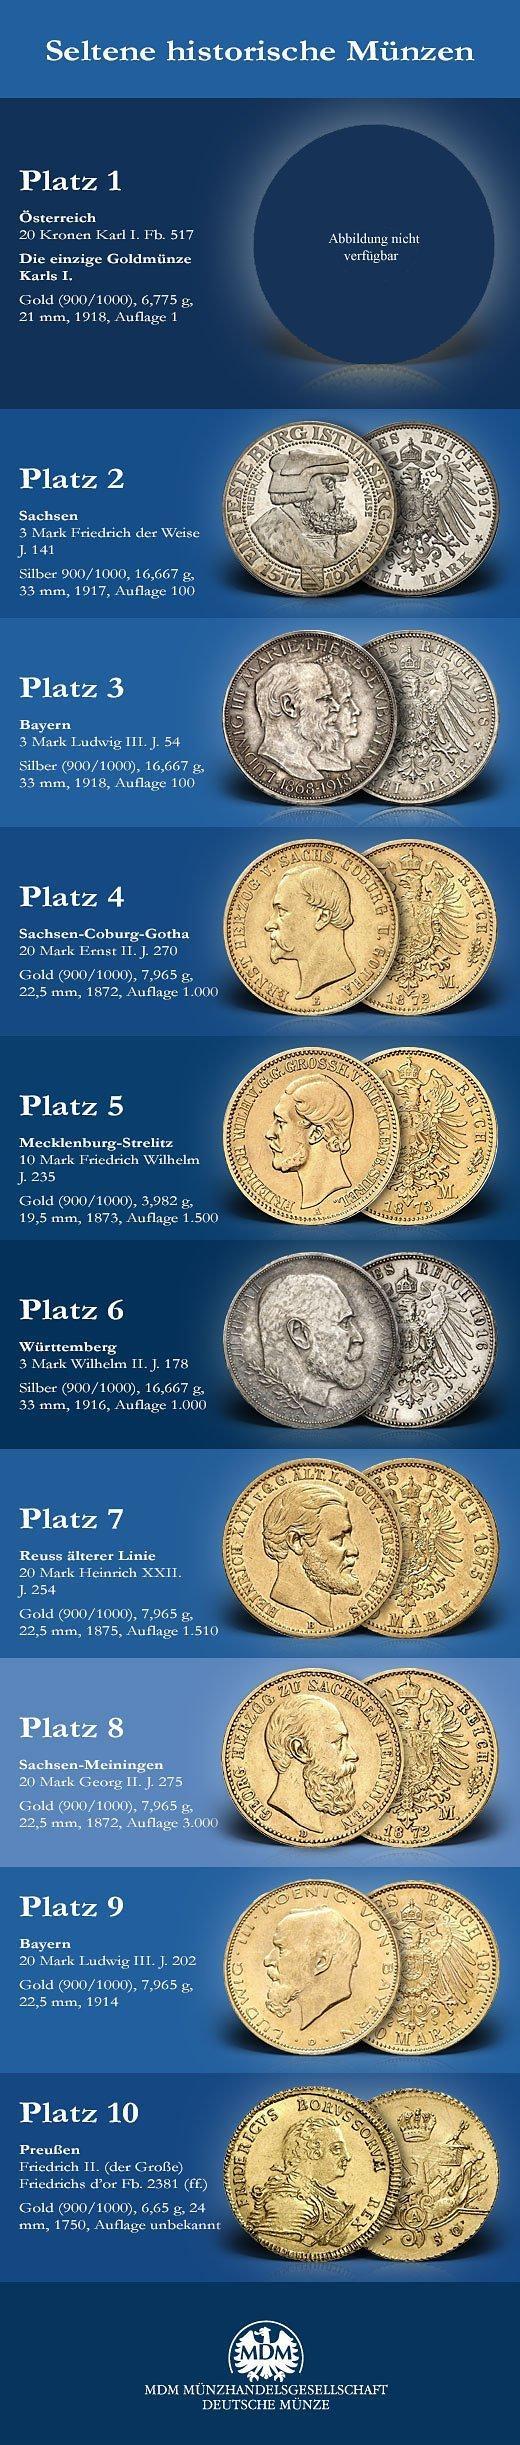 Seltene Münzen Historisch Wertvoll Mdm Deutsche Münze